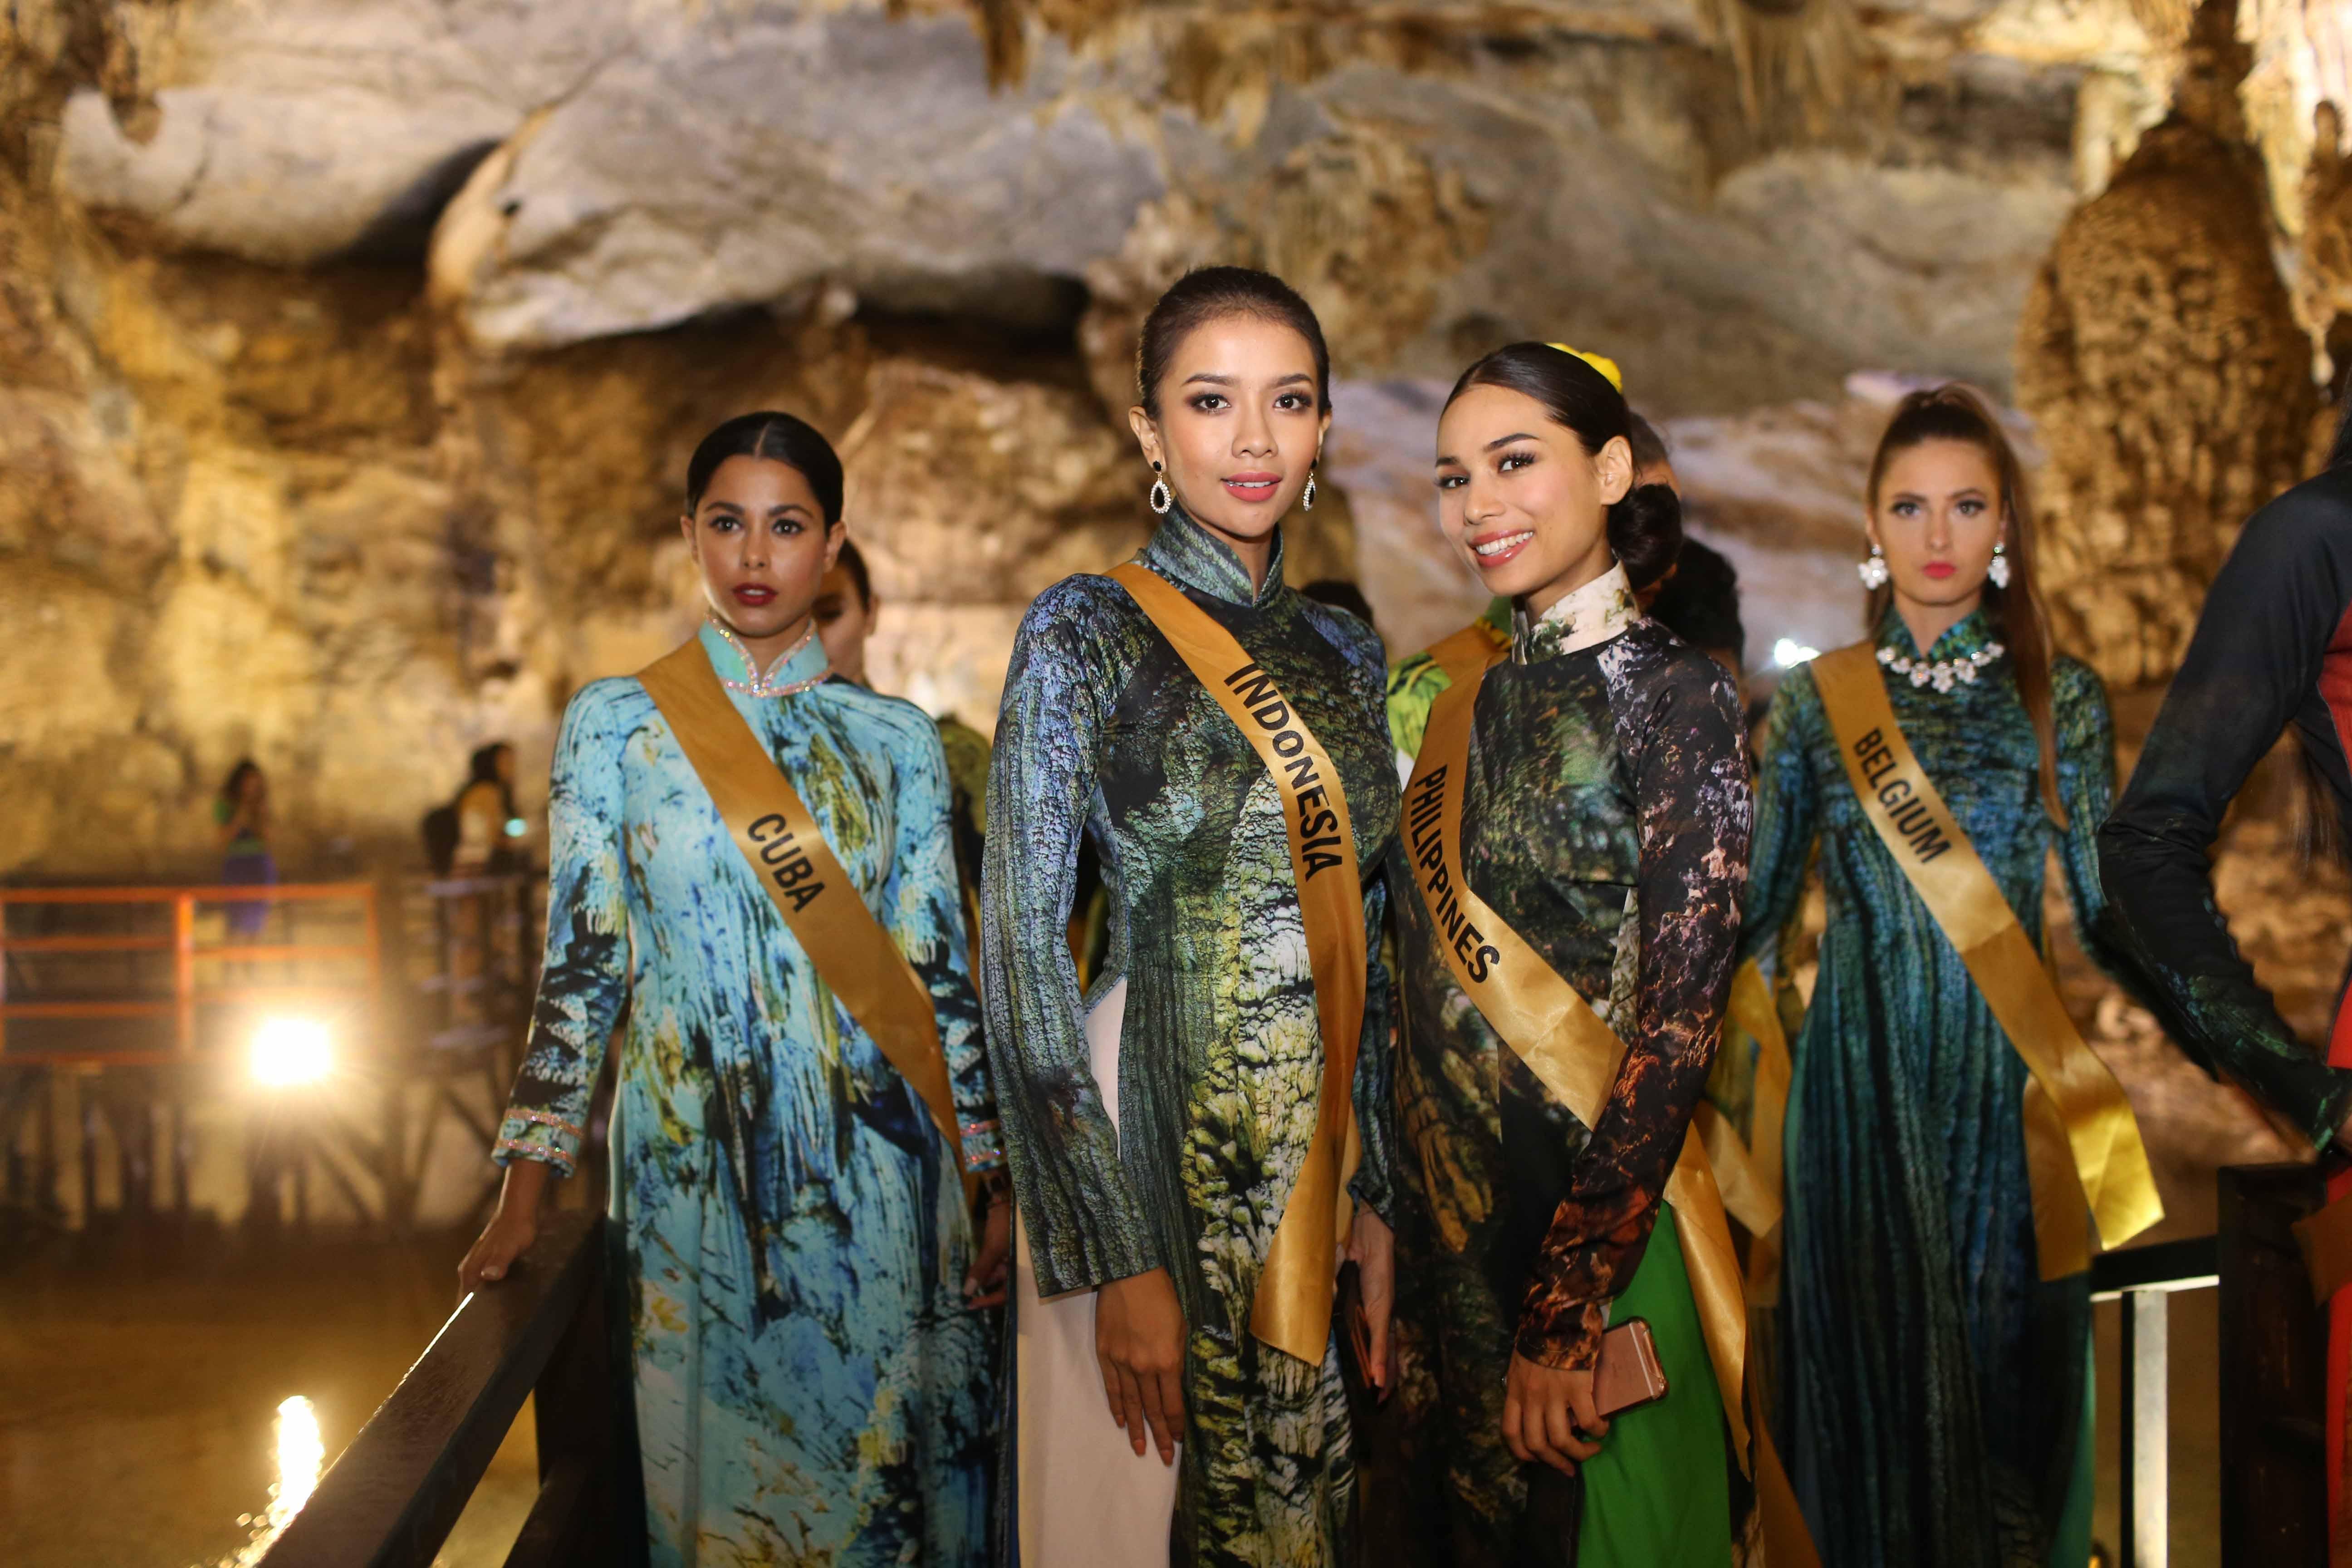 Huyền My xinh đẹp đọ sắc cùng các thí sinh Miss Grand International tại động Thiên Đường - Ảnh 10.